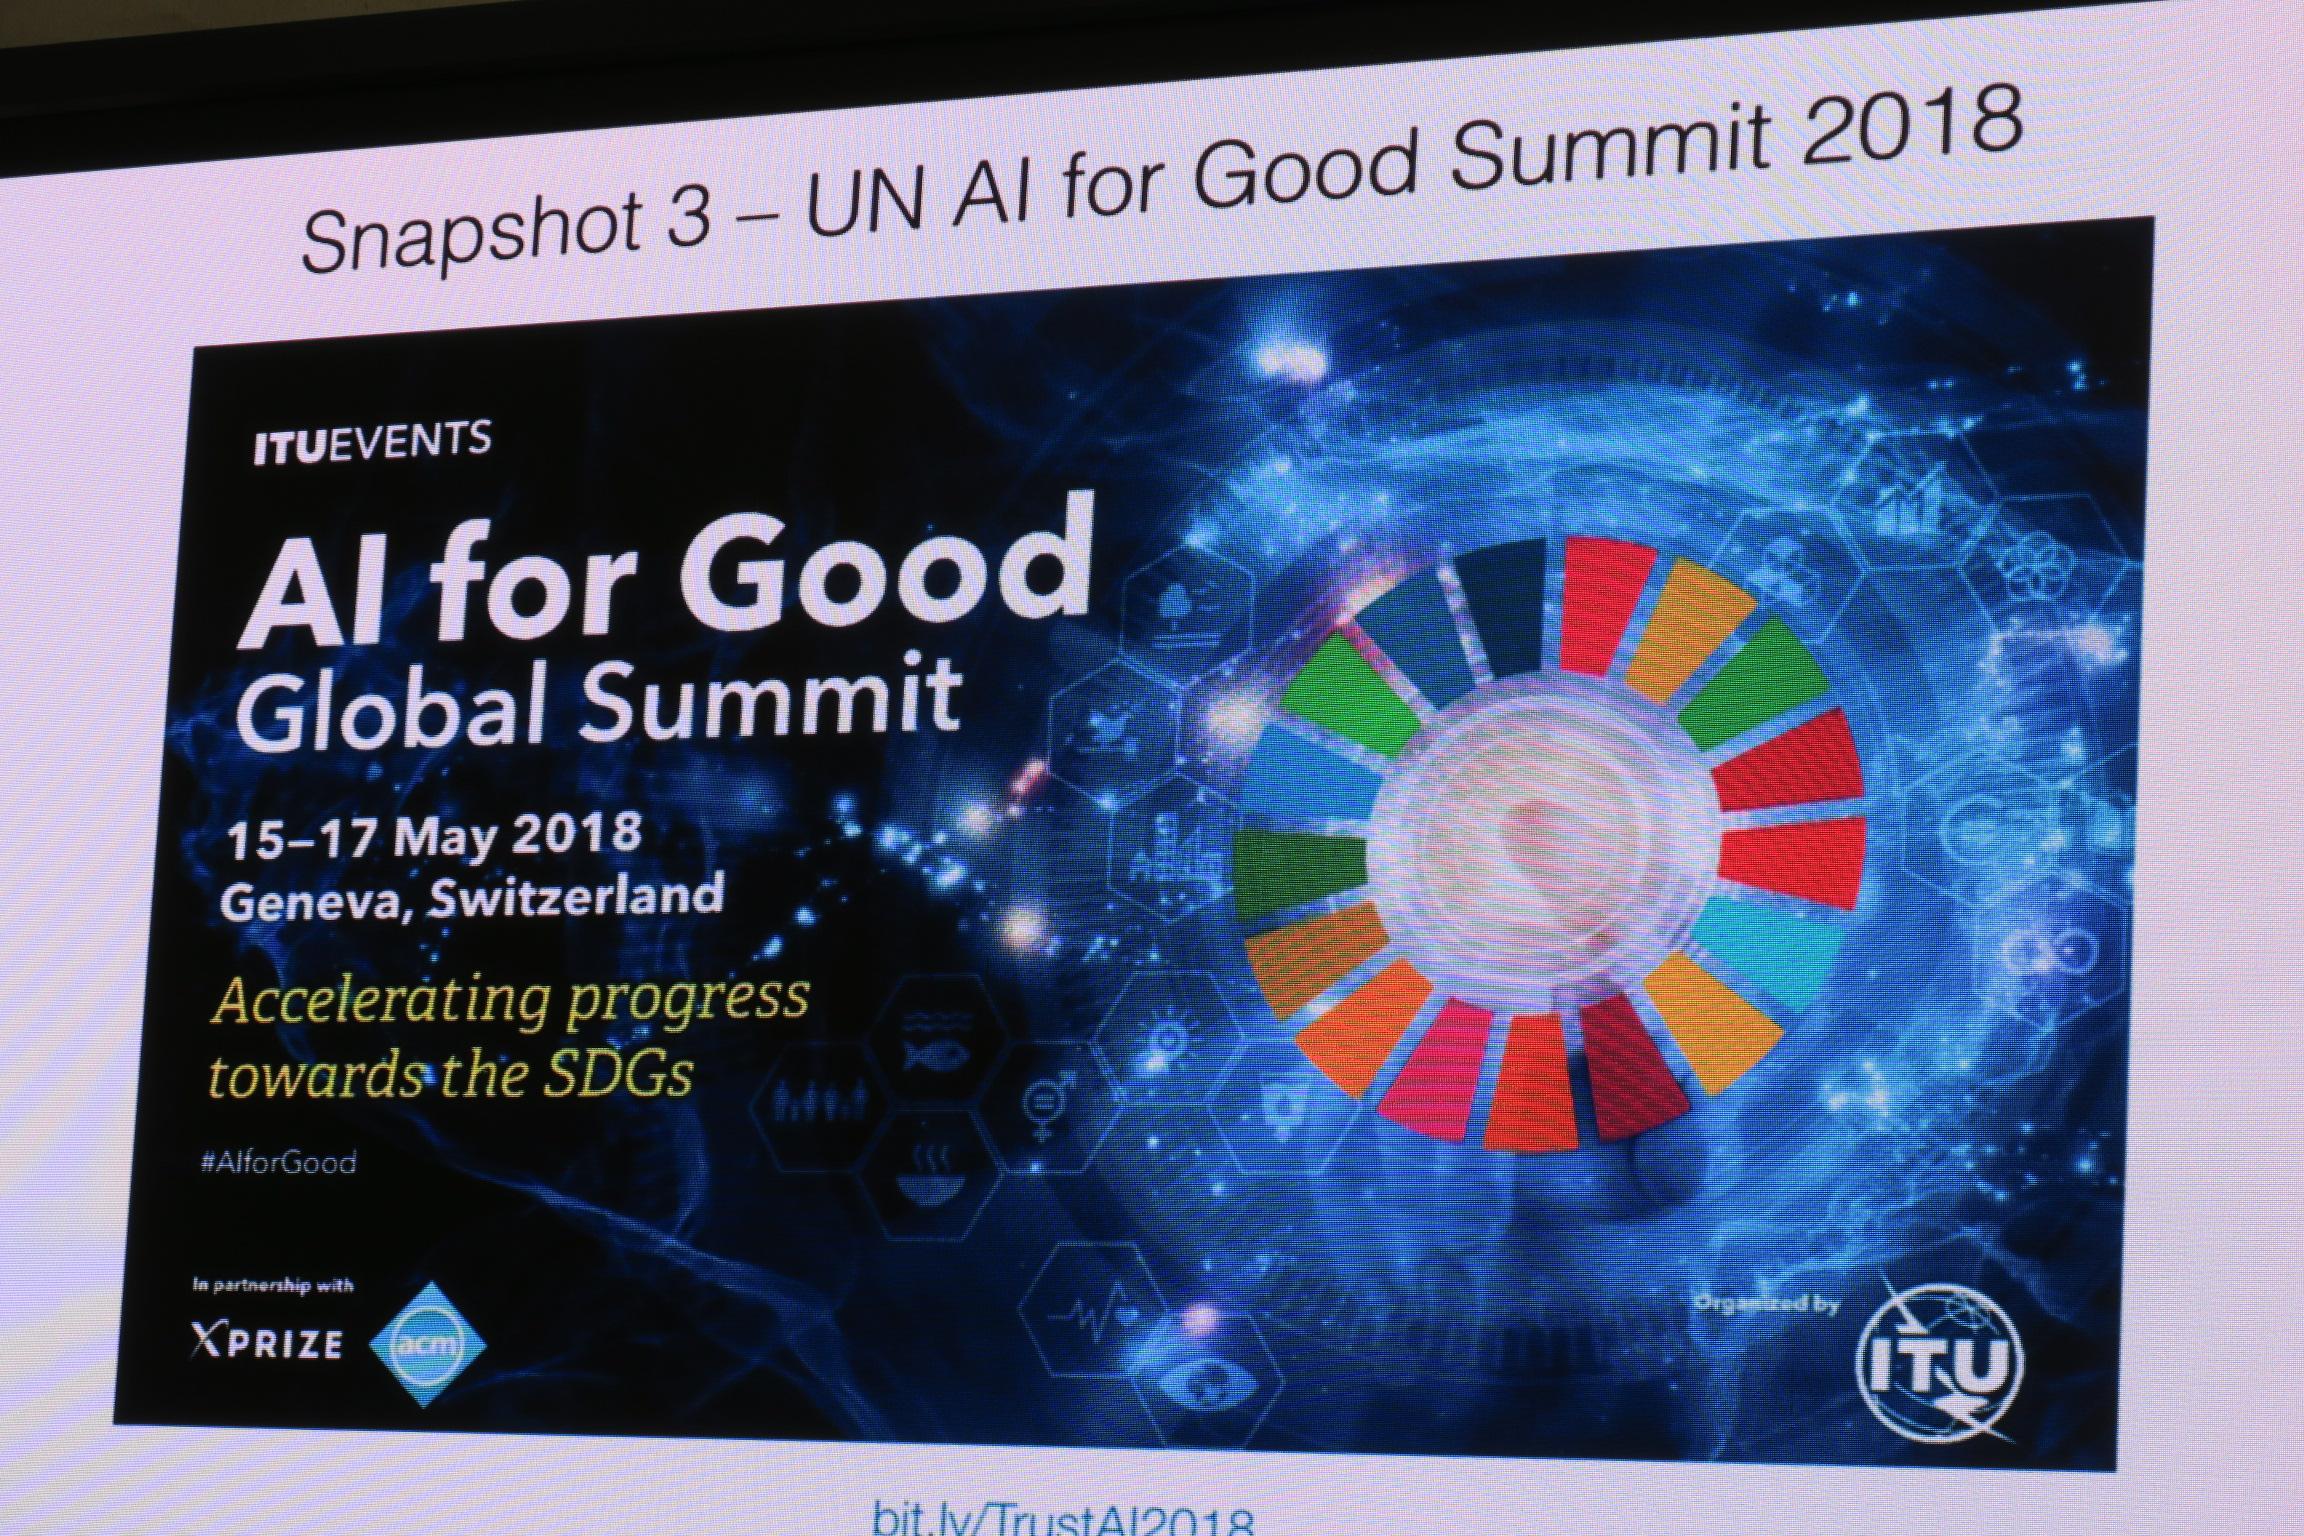 CFI参与的联合国《向善的AI》峰会.JPG